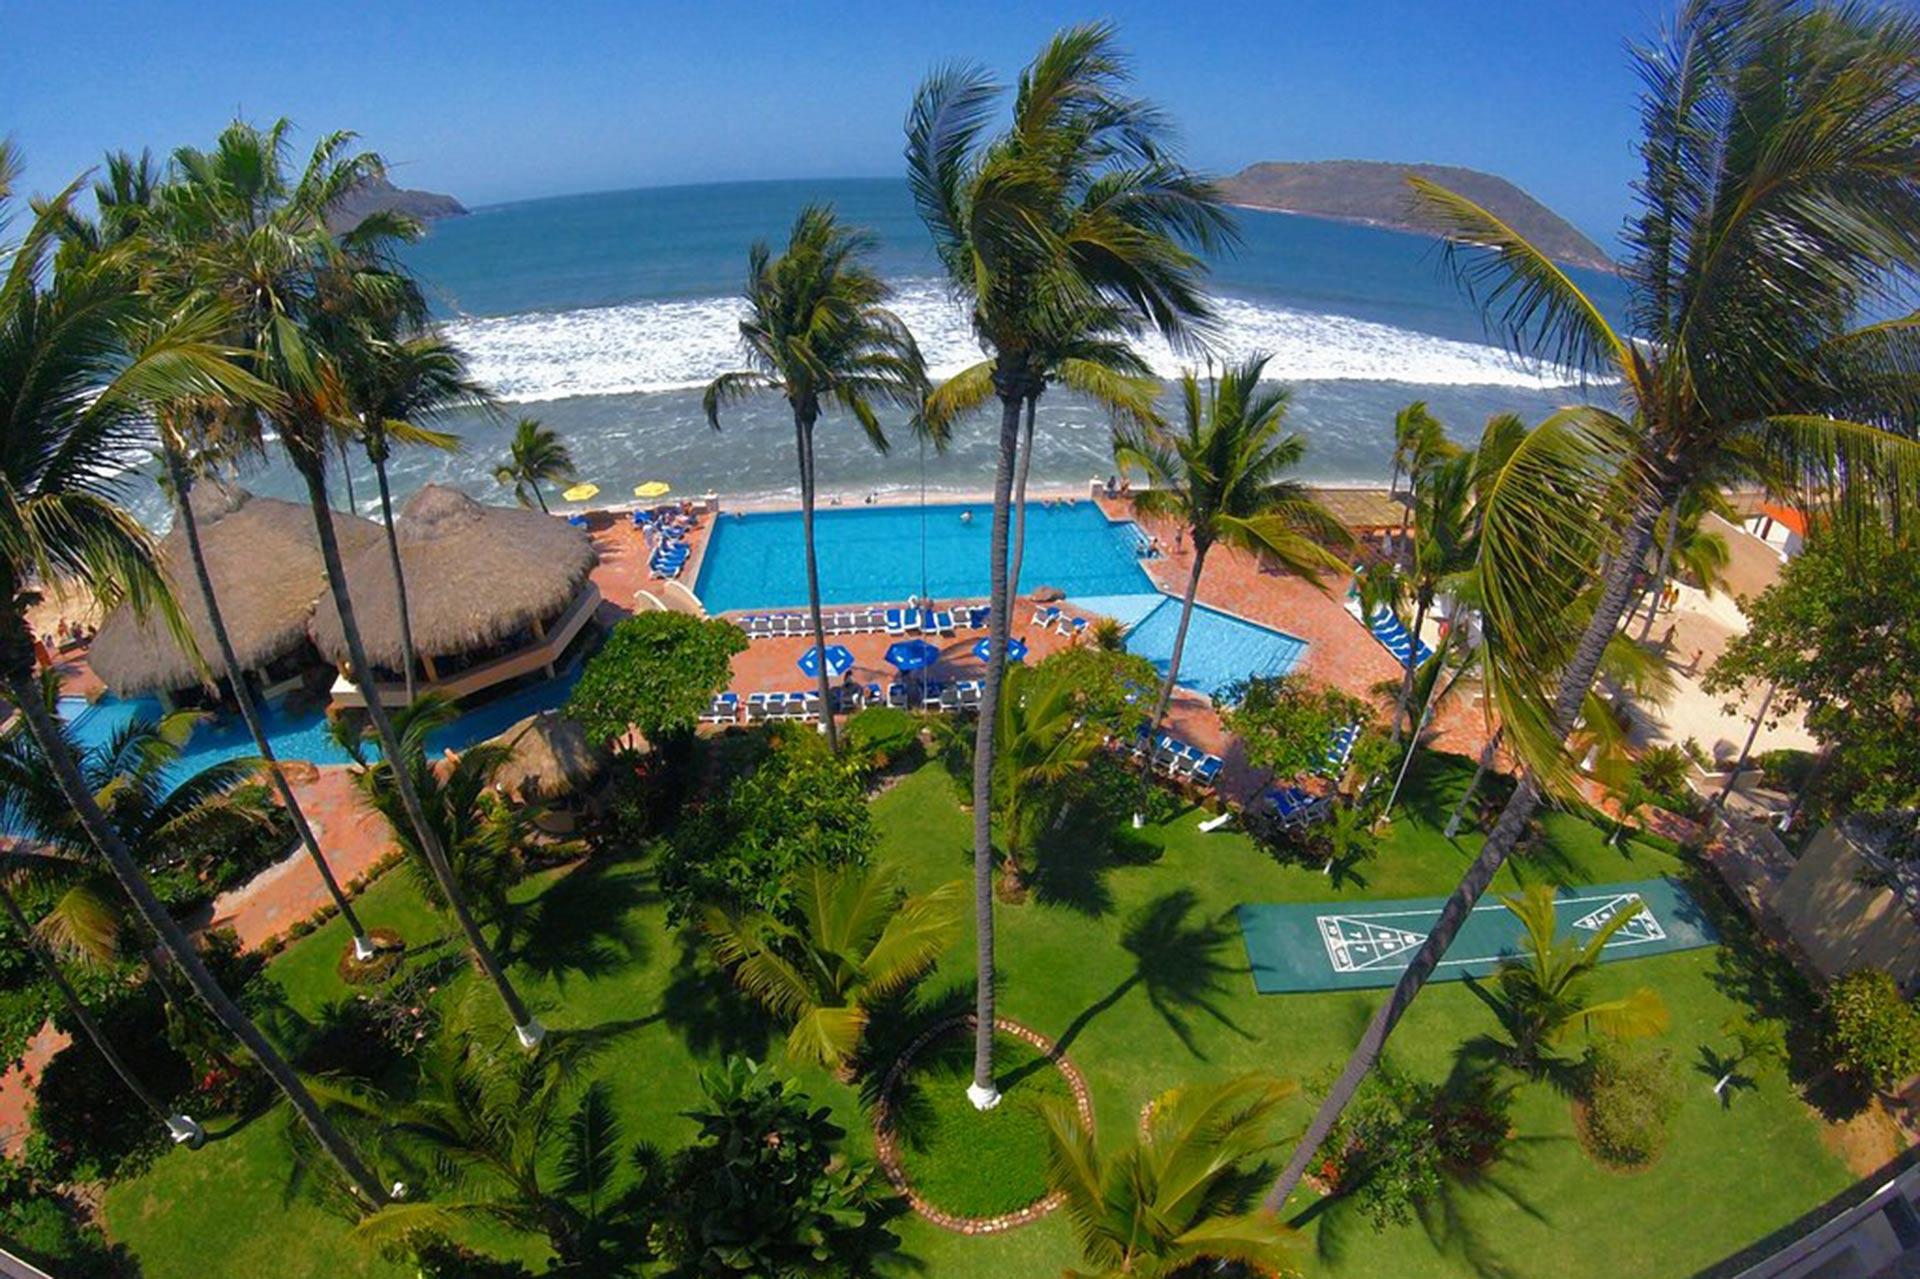 The Palms Resort of Mazatlan in Mexico